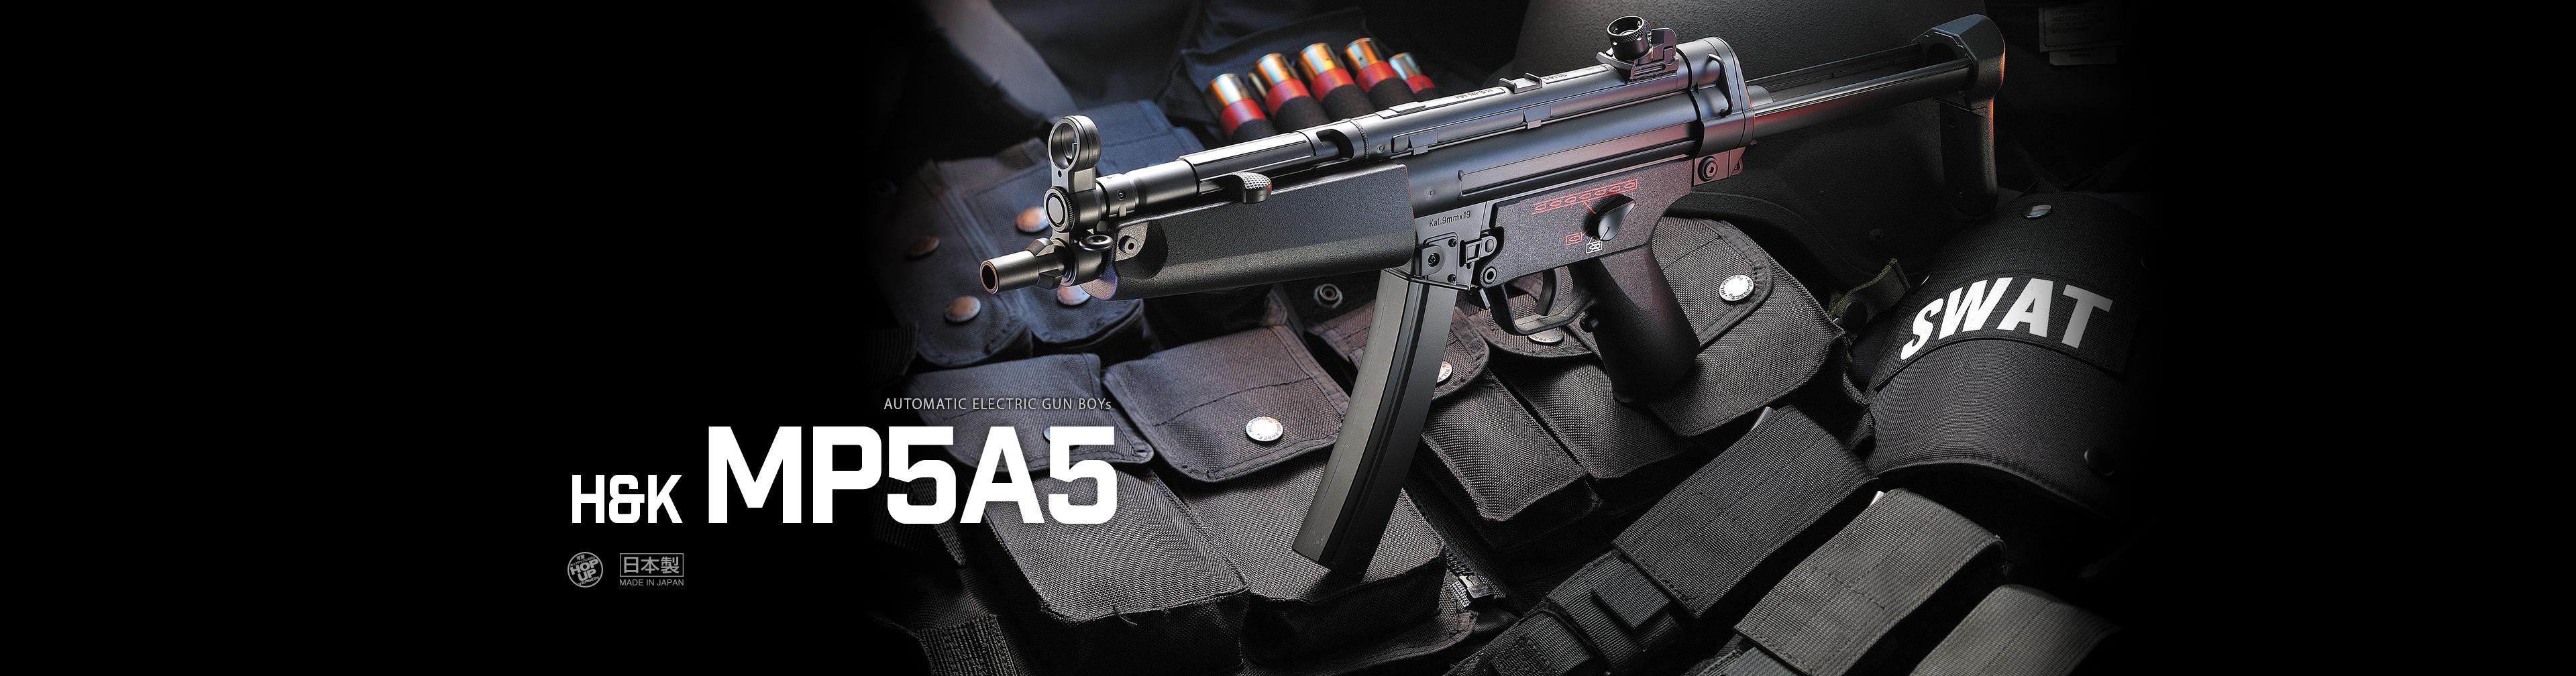 H&K MP5A5